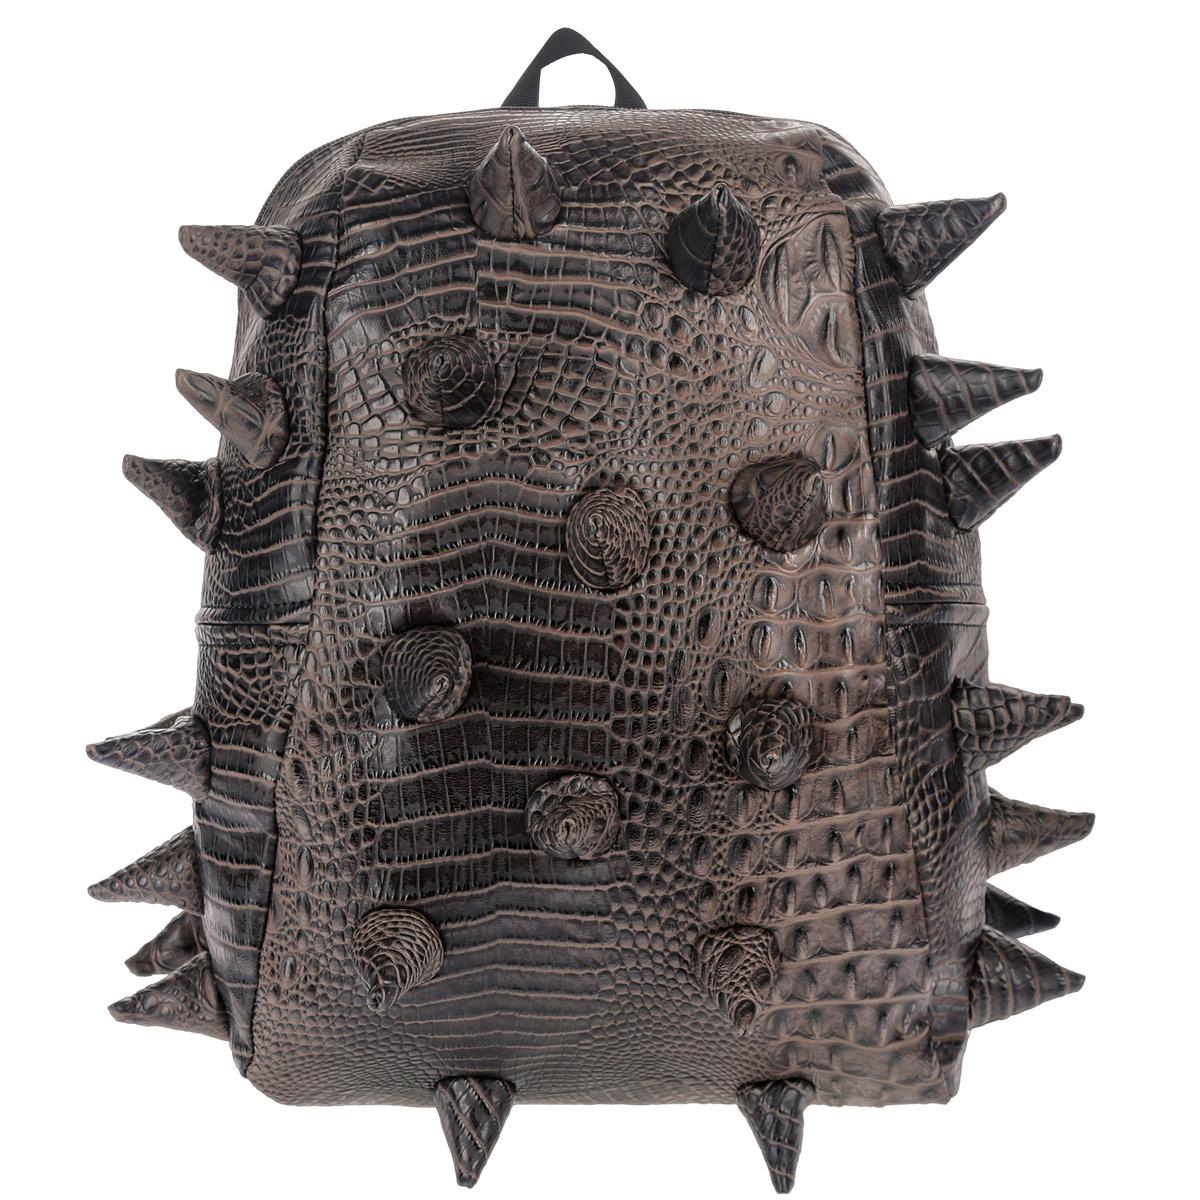 Рюкзак городской MadPax Gator Half, цвет: коричневый, 16 лKZ24483958Городской рюкзак MadPax Gator Half - это стильный и практичный аксессуар, уместный в ритме большого города. Верх рюкзака выполнен из 100% поливинила с тиснением под рептилию, шипы придают изделию неповторимый дизайн. Подкладка изготовлена из нейлона. Рюкзак имеет одно основное отделение, которое закрывается на застежку-молнию. Внутри поместится ноутбук с диагональю 13, iPad и бумаги формата А4. Также внутри содержится небольшой карман на молнии для мелких вещей. Модель оснащена ручкой для переноски в руке, а также мягкими и широкими плечевыми лямками, которые можно регулировать по длине. Полностью вентилируемая ортопедическая спинка создает дополнительный комфорт вашей спине. Сзади расположен кармашек из прозрачного ПВХ для визитки. MadPax - это крутые рюкзаки в стиле фанк, которые своим неповторимым дизайном бросают вызов монотонности и скуке. Эти уникальные рюкзаки помогают детям всех возрастов самовыражаться, а их внутренняя структура с...